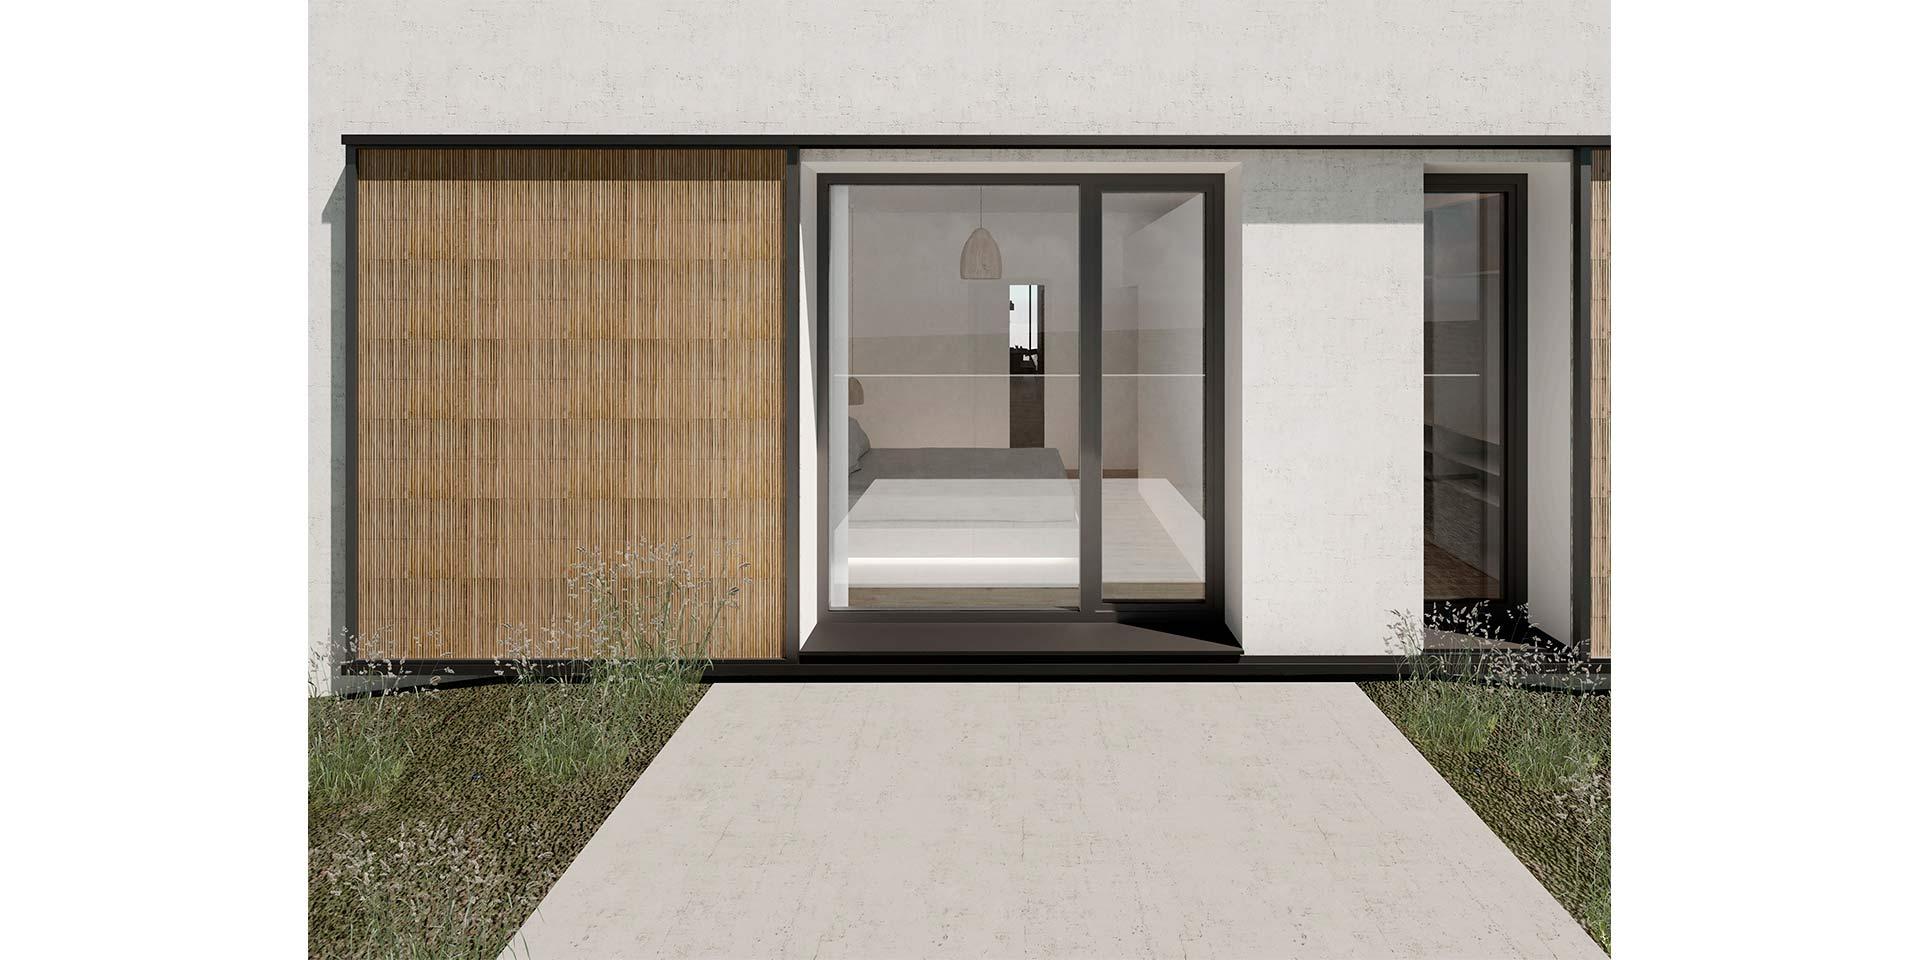 Casa-entre-olivos-11